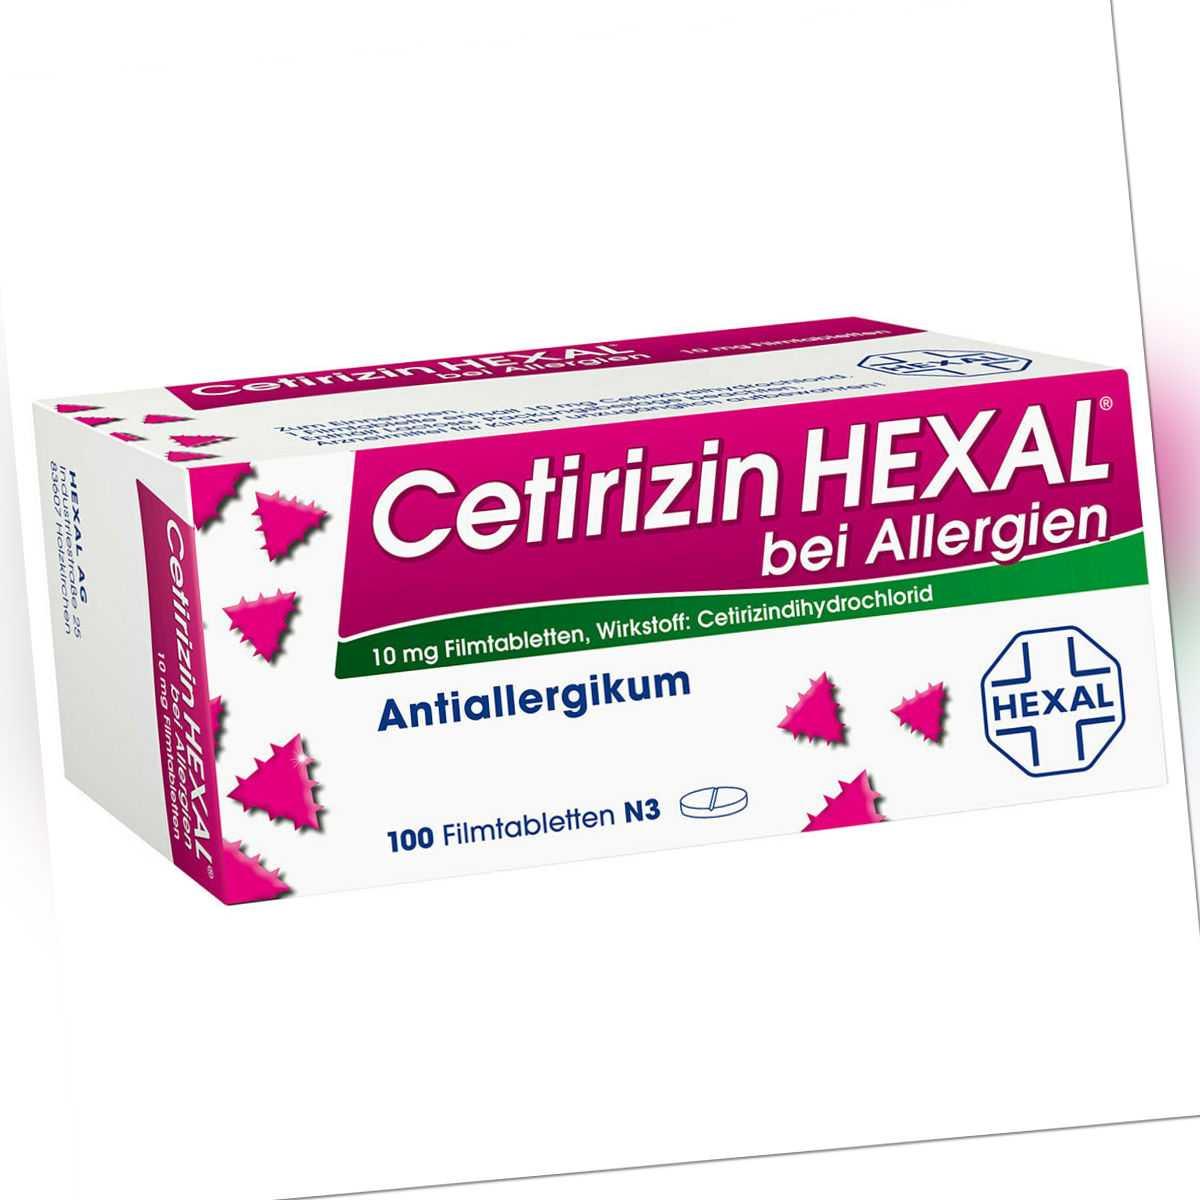 CETIRIZIN HEXAL B ALLERGIE Filmtabletten 100 St PZN:01830229